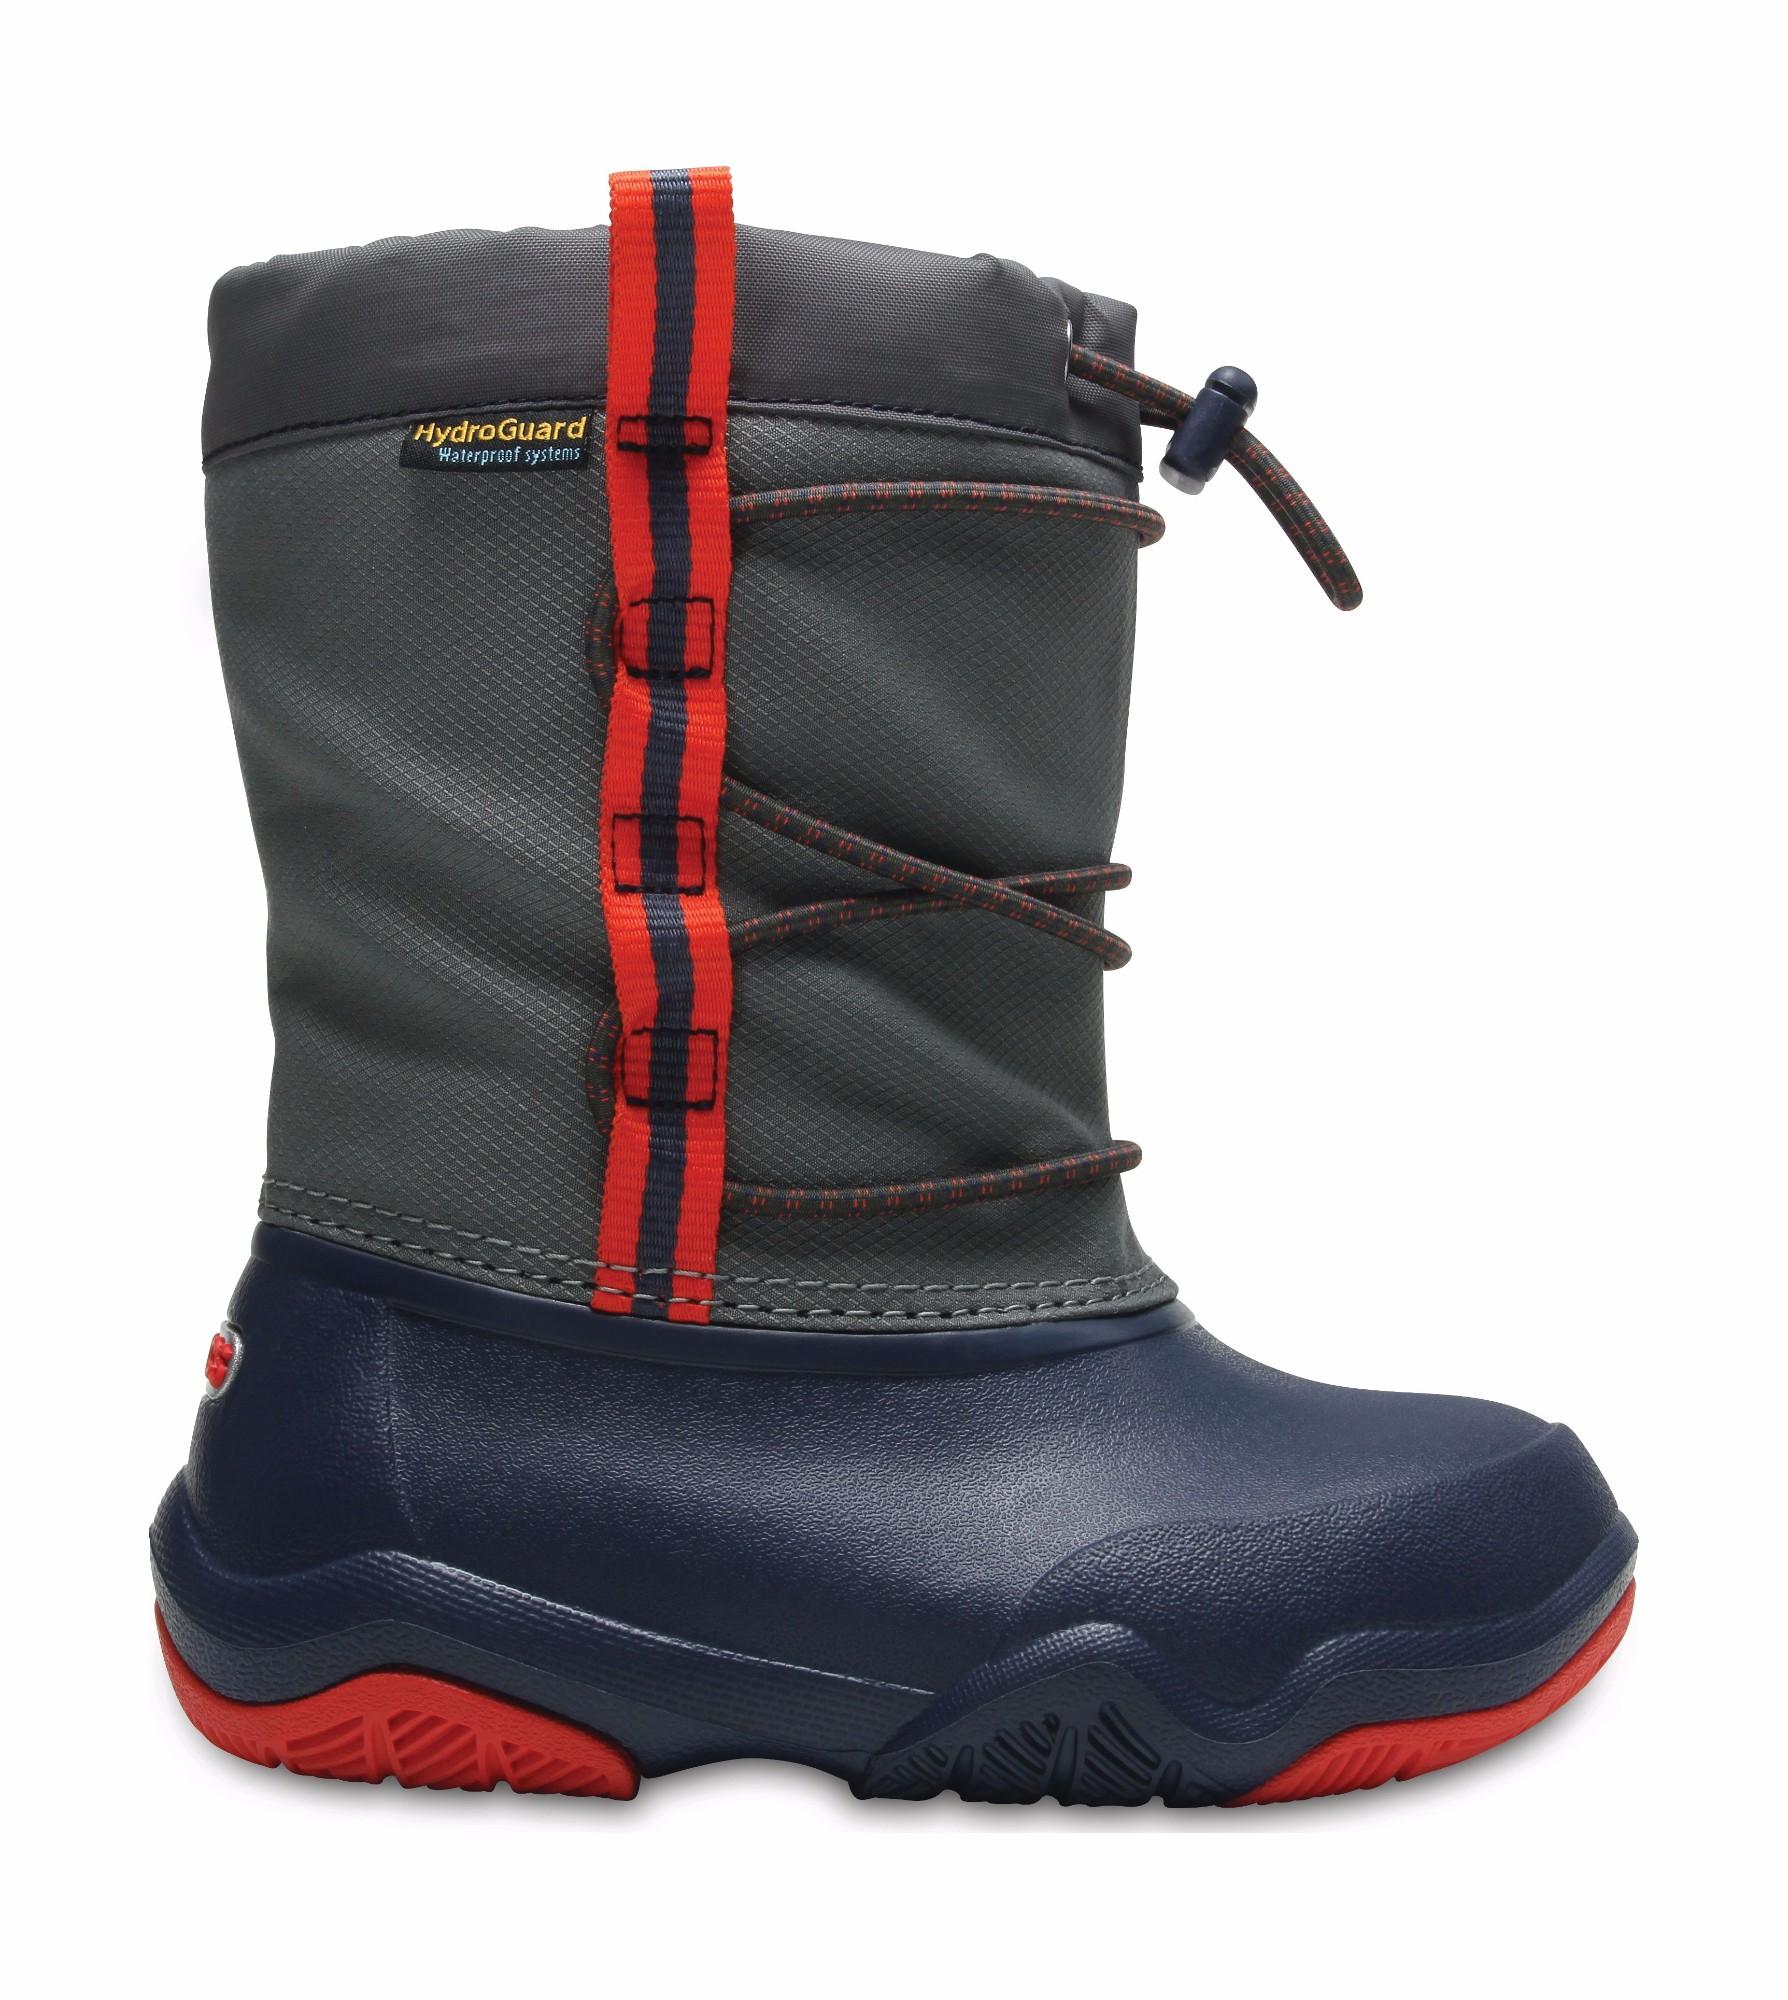 Crocs™ Swiftwater Waterproof Boot Kid's Navy/Flame 25